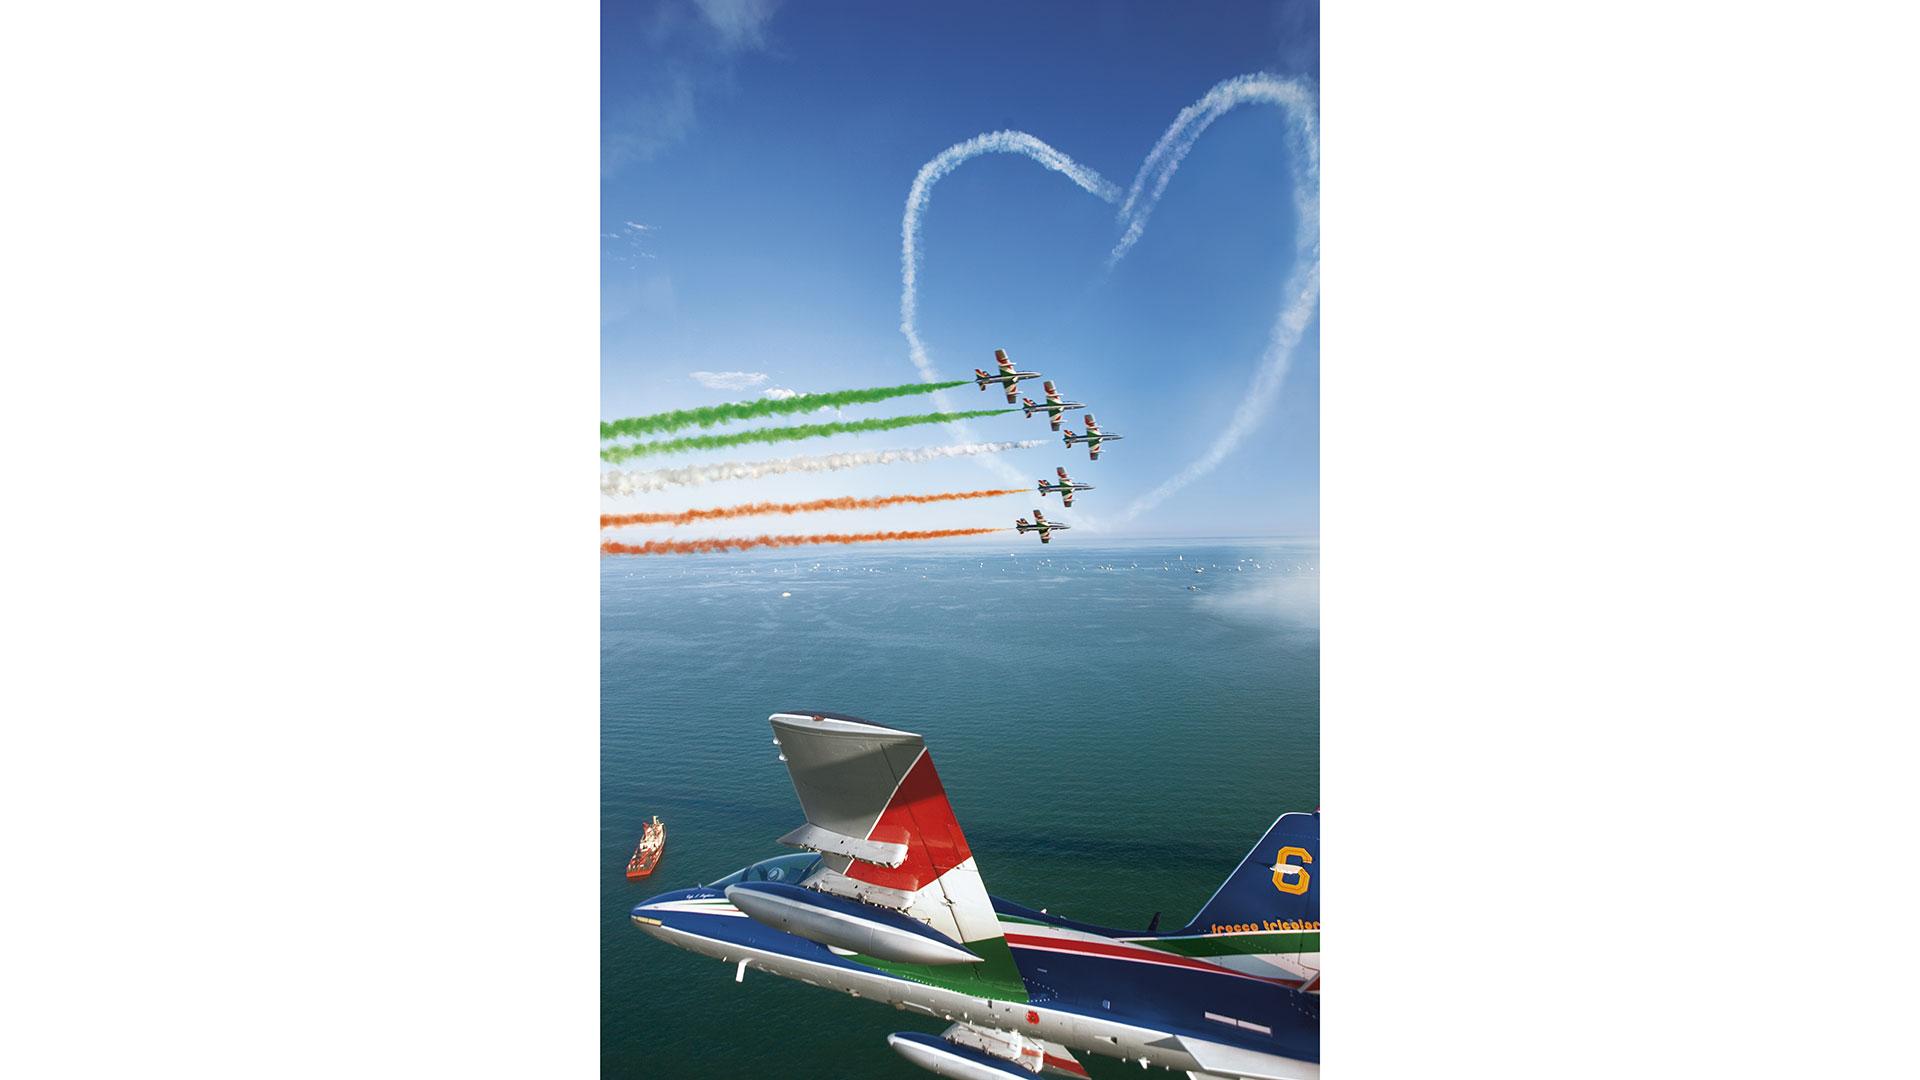 frecce-tricolori-60-anni-pan-pattuglia-acrobatica-nazionale-aeronautica-militare-(17)